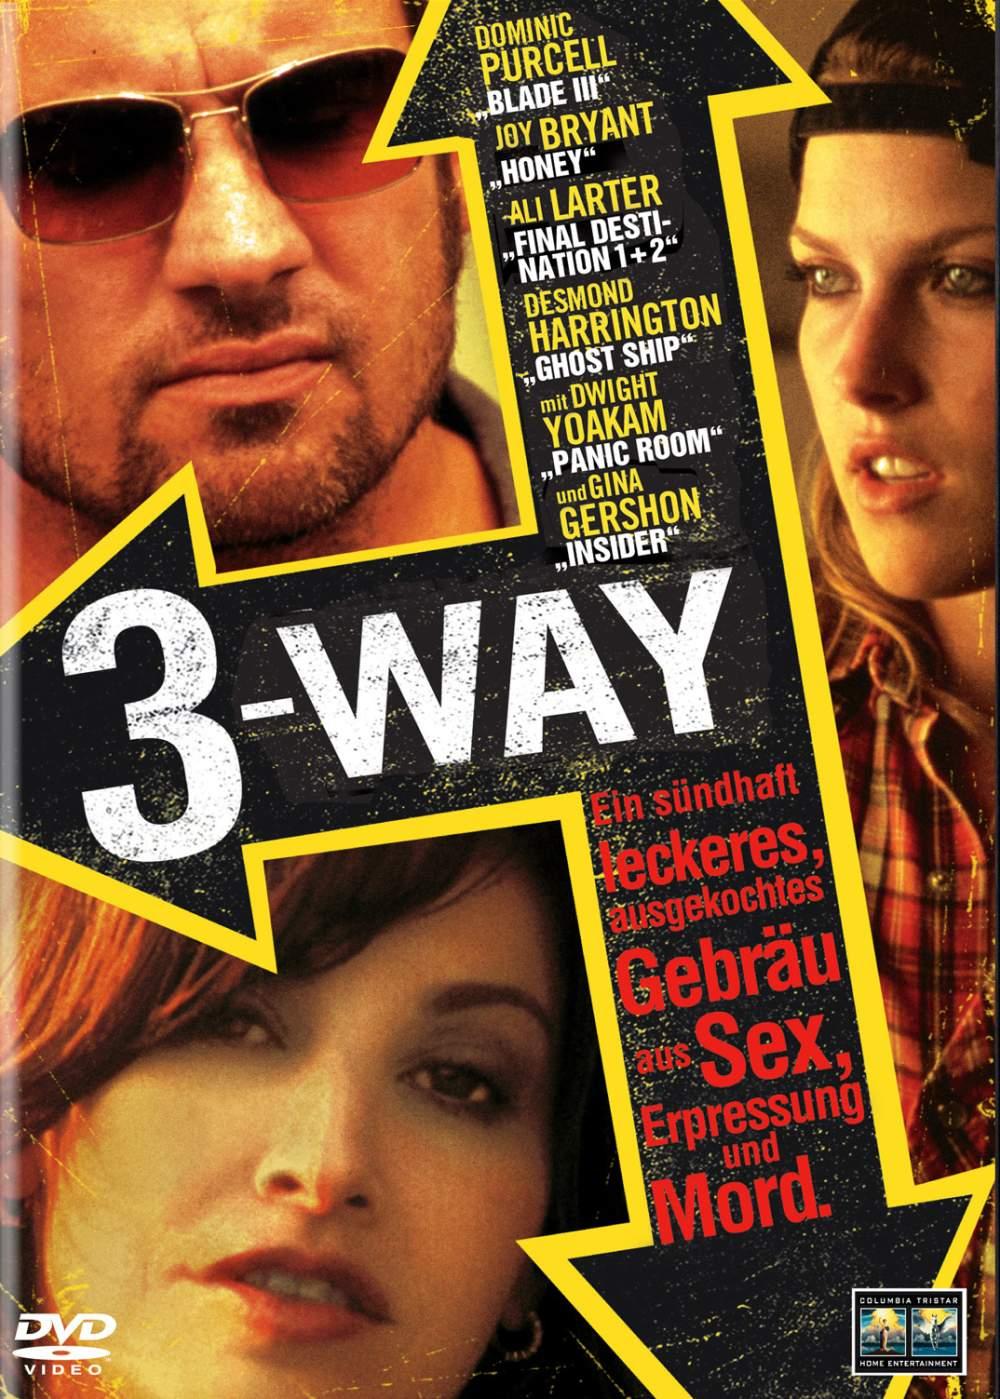 3-Way - Film